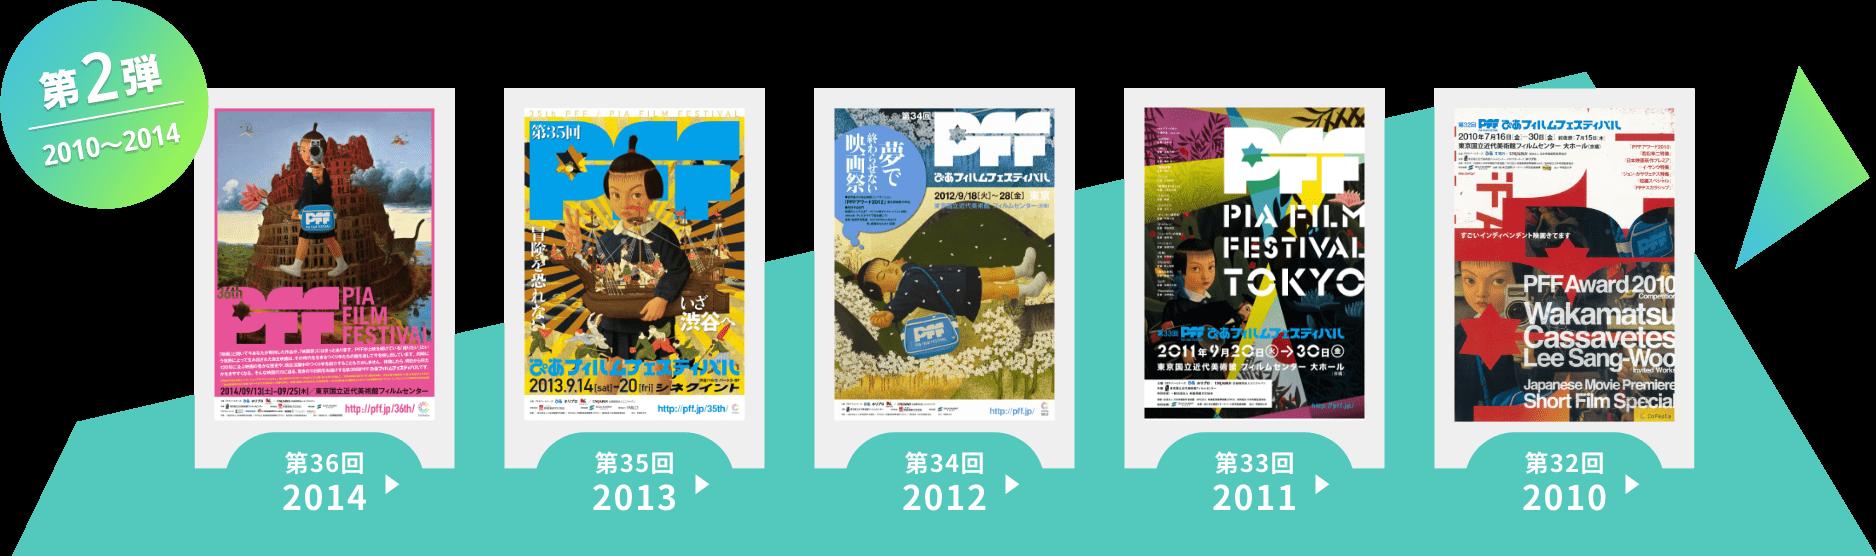 第2弾 2010〜2014 12月22日からの第2弾配信では、PFFアワード2010~2014の入選作品約50本をまとめて上映いたします。